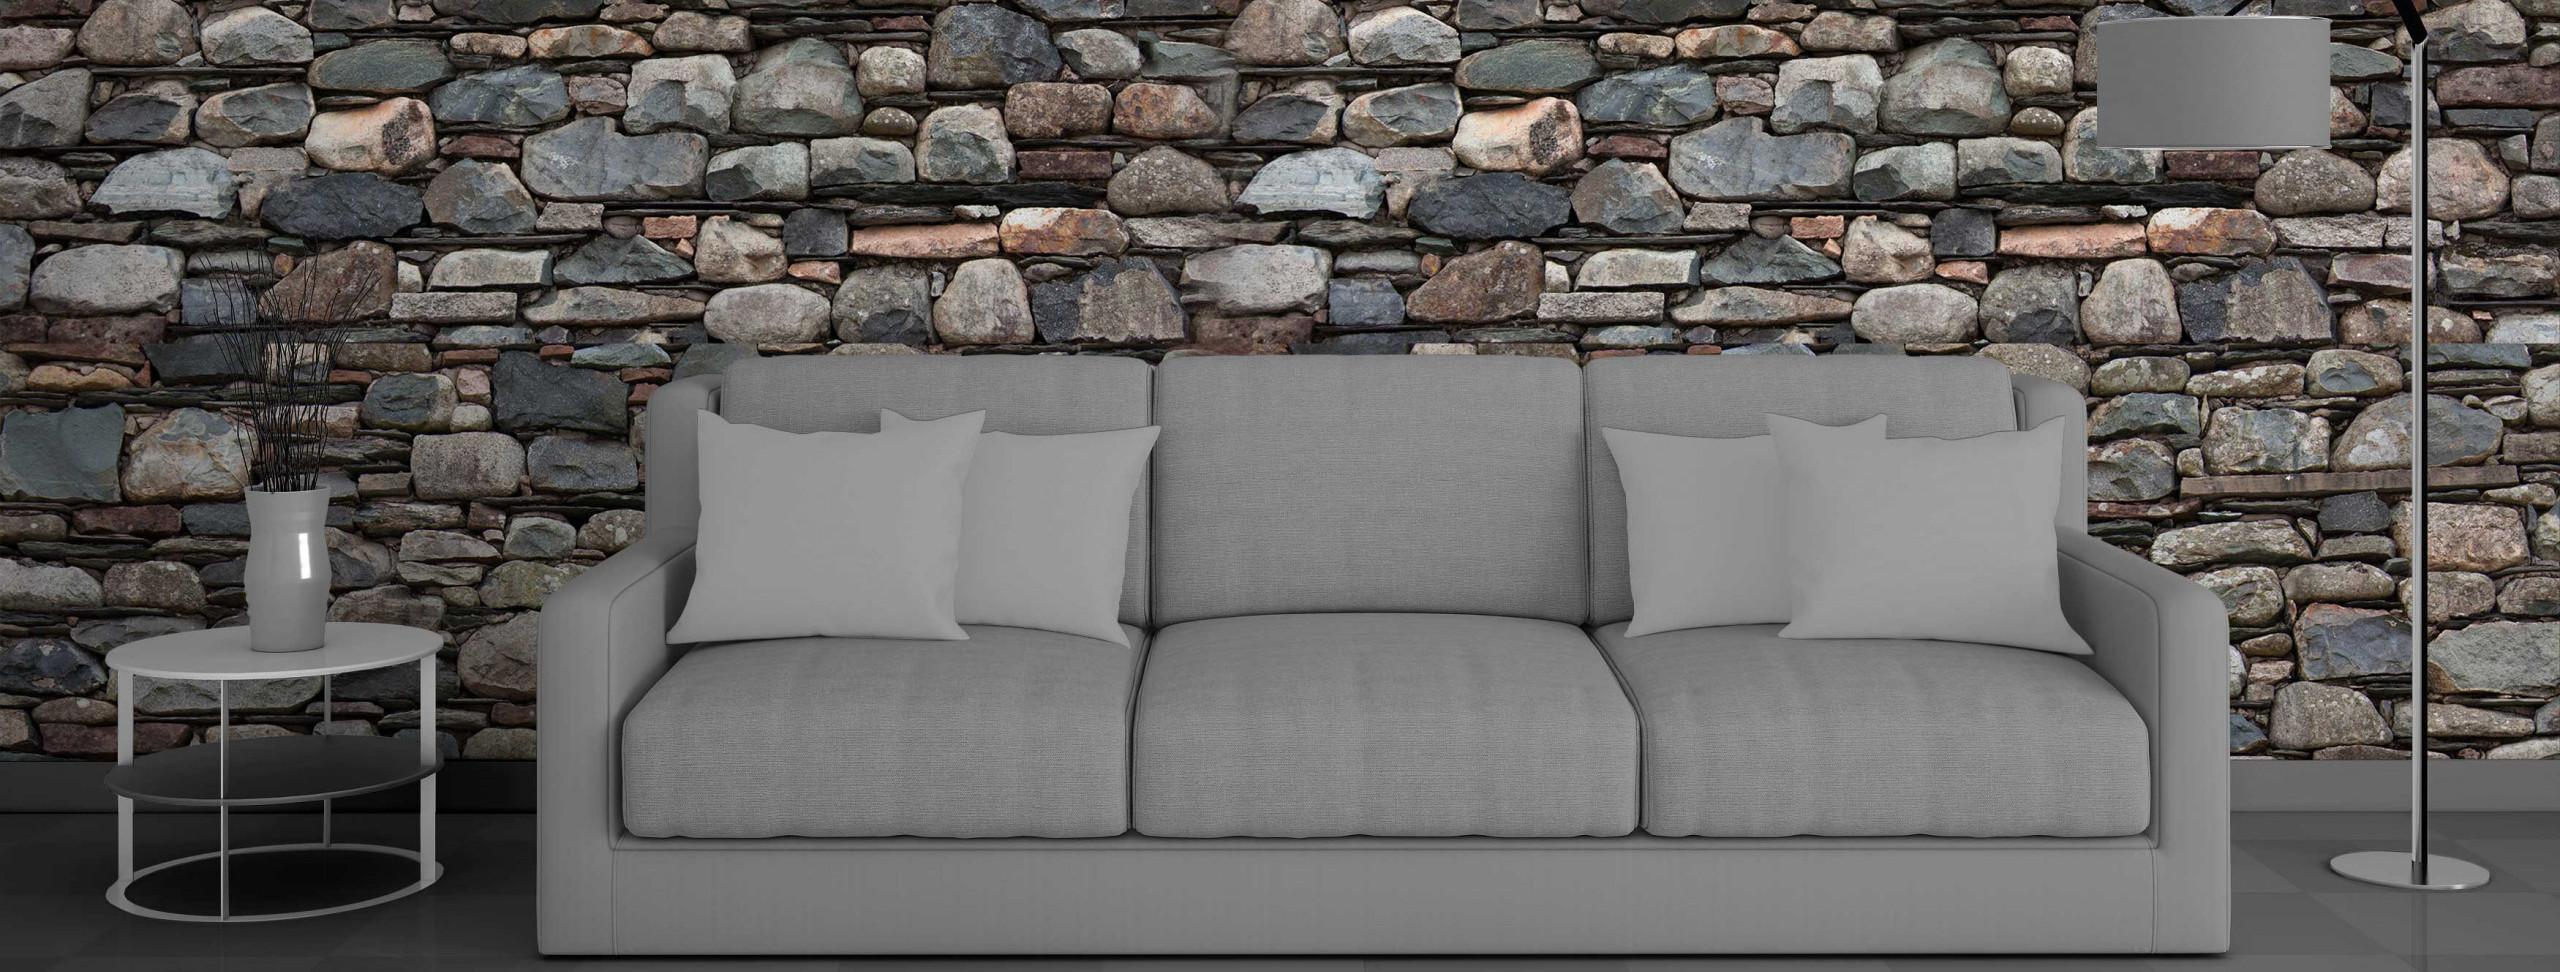 papel-de-parede-pedra-3d-pedra-3d